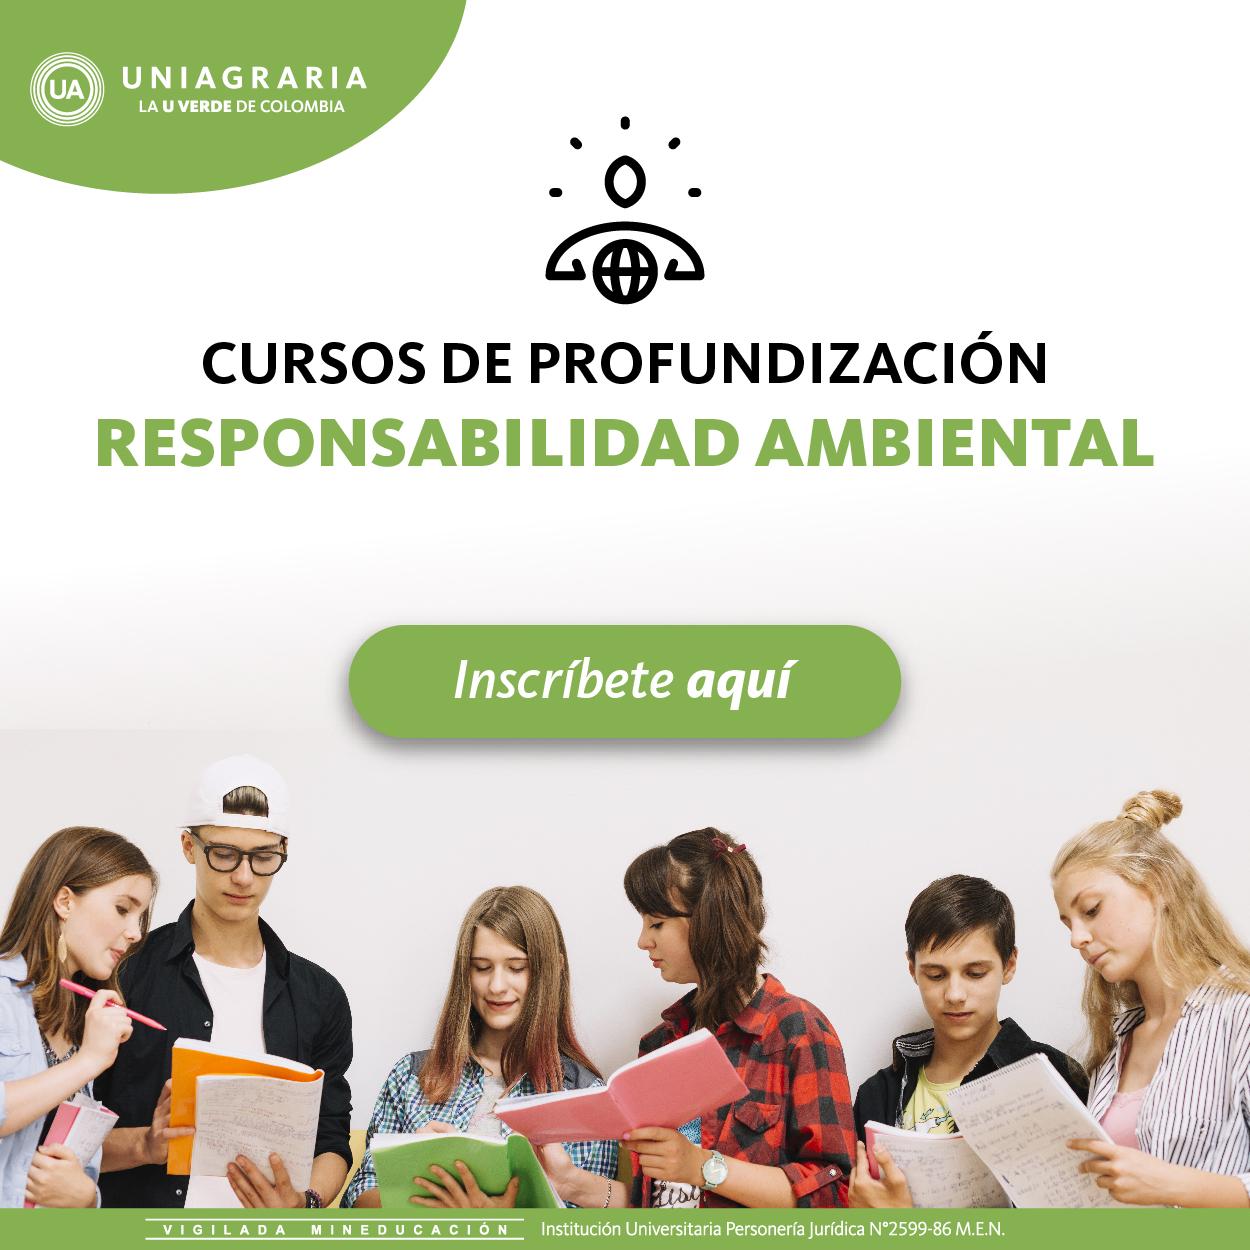 Cursos de profundización – Responsabilidad Ambiental